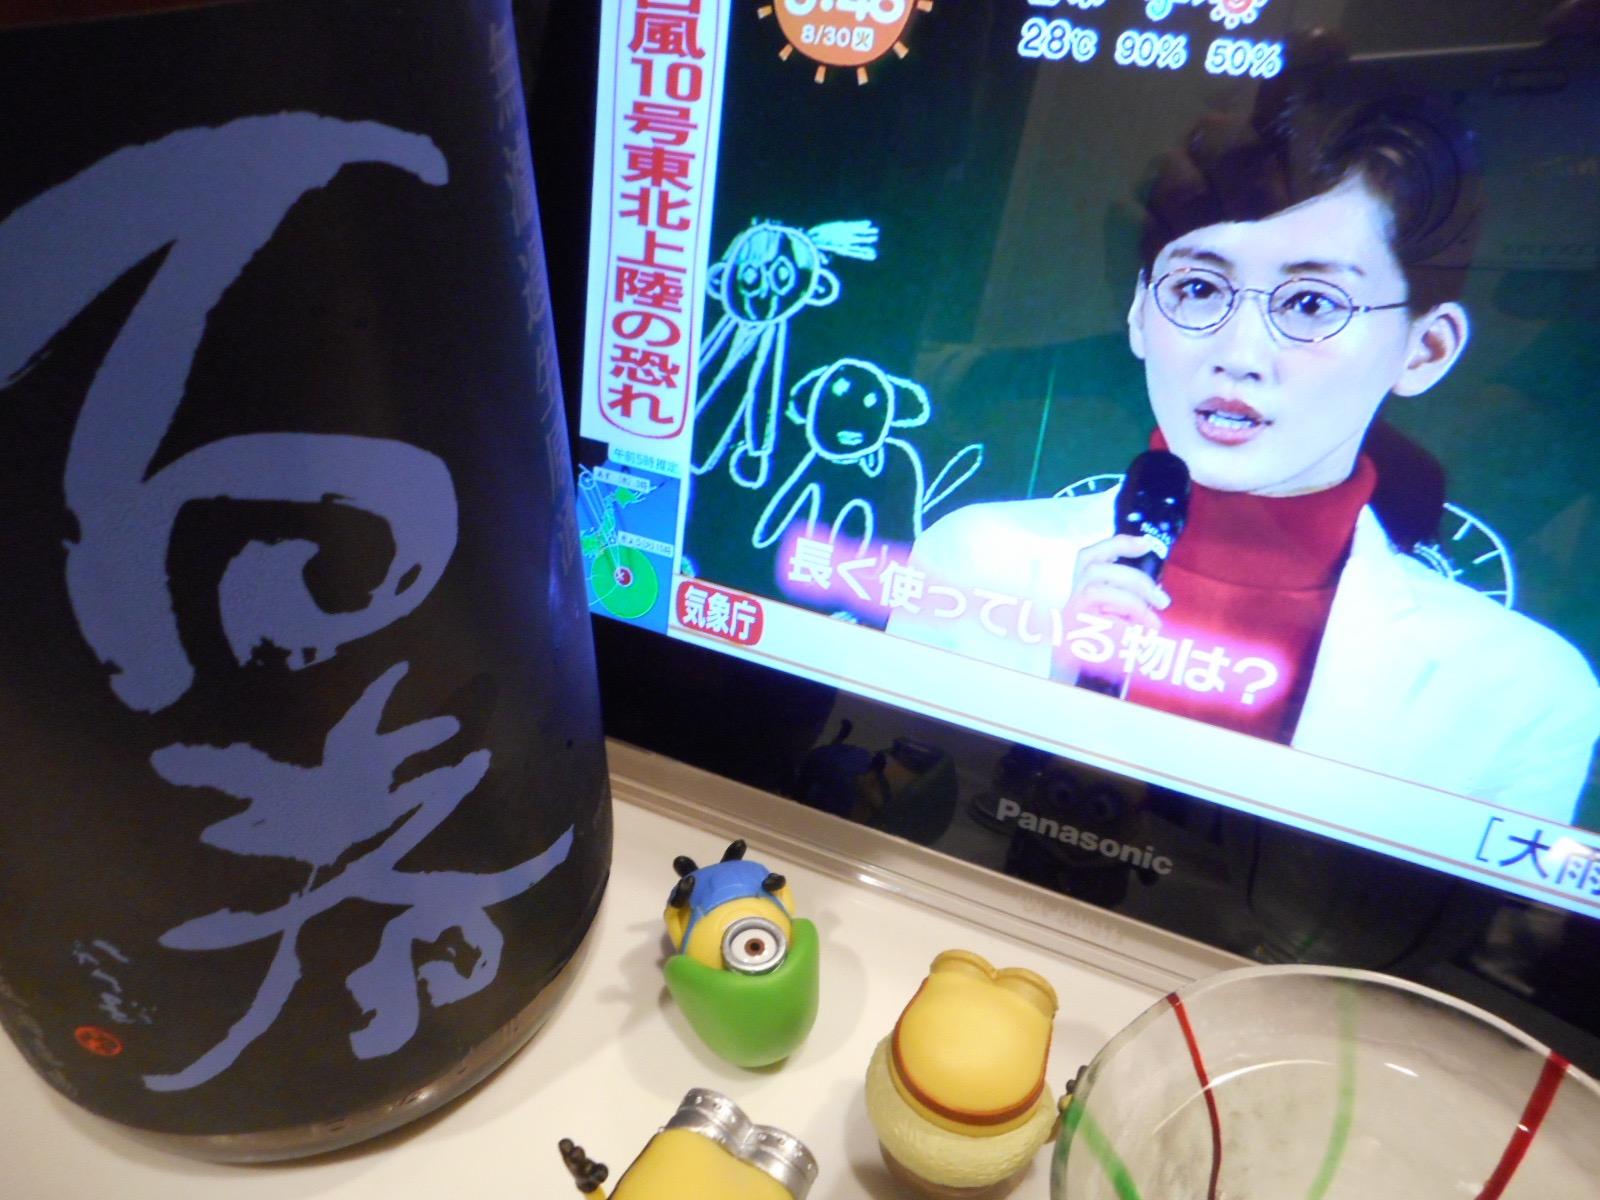 hyakushun_oyamanishiki27by6.jpg